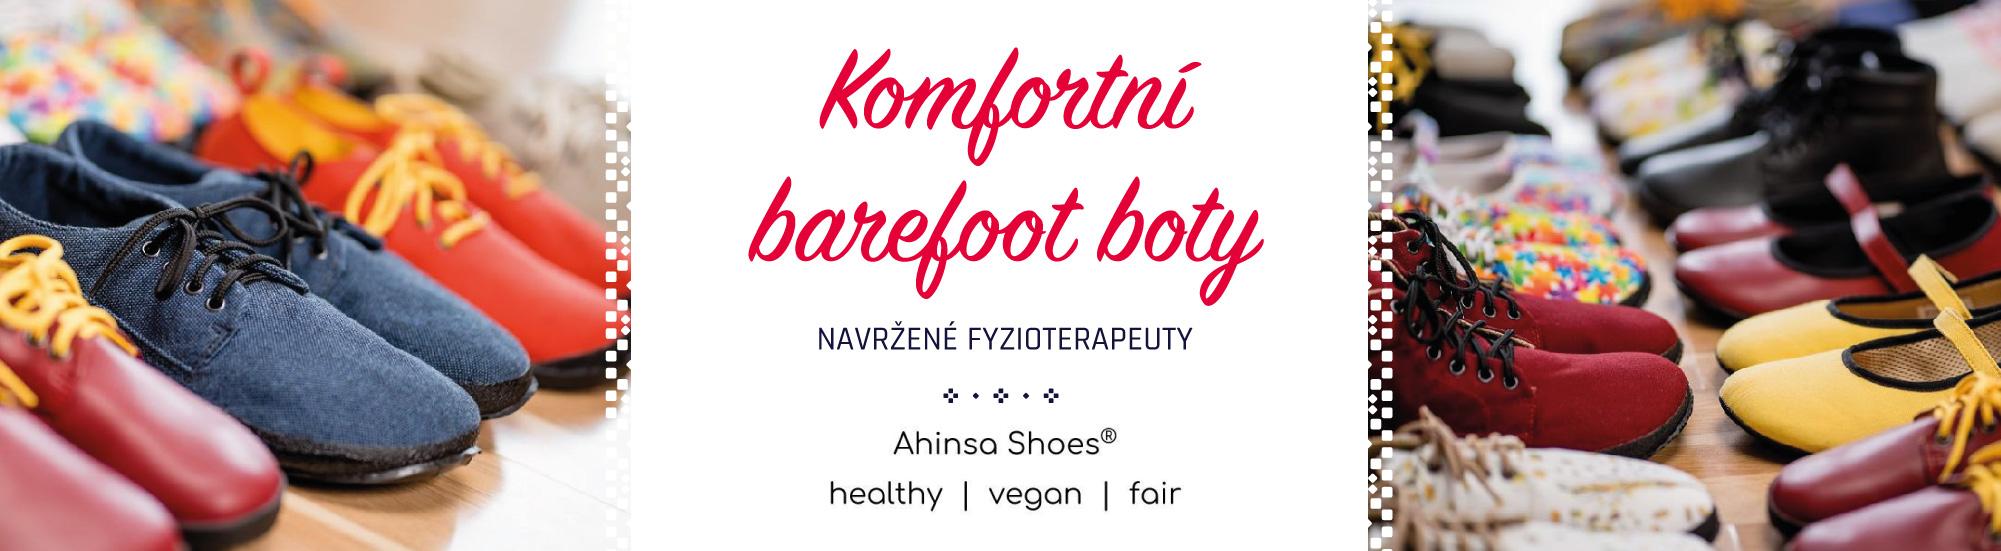 Nově Ahinsa shoes v Roduslava prodejně